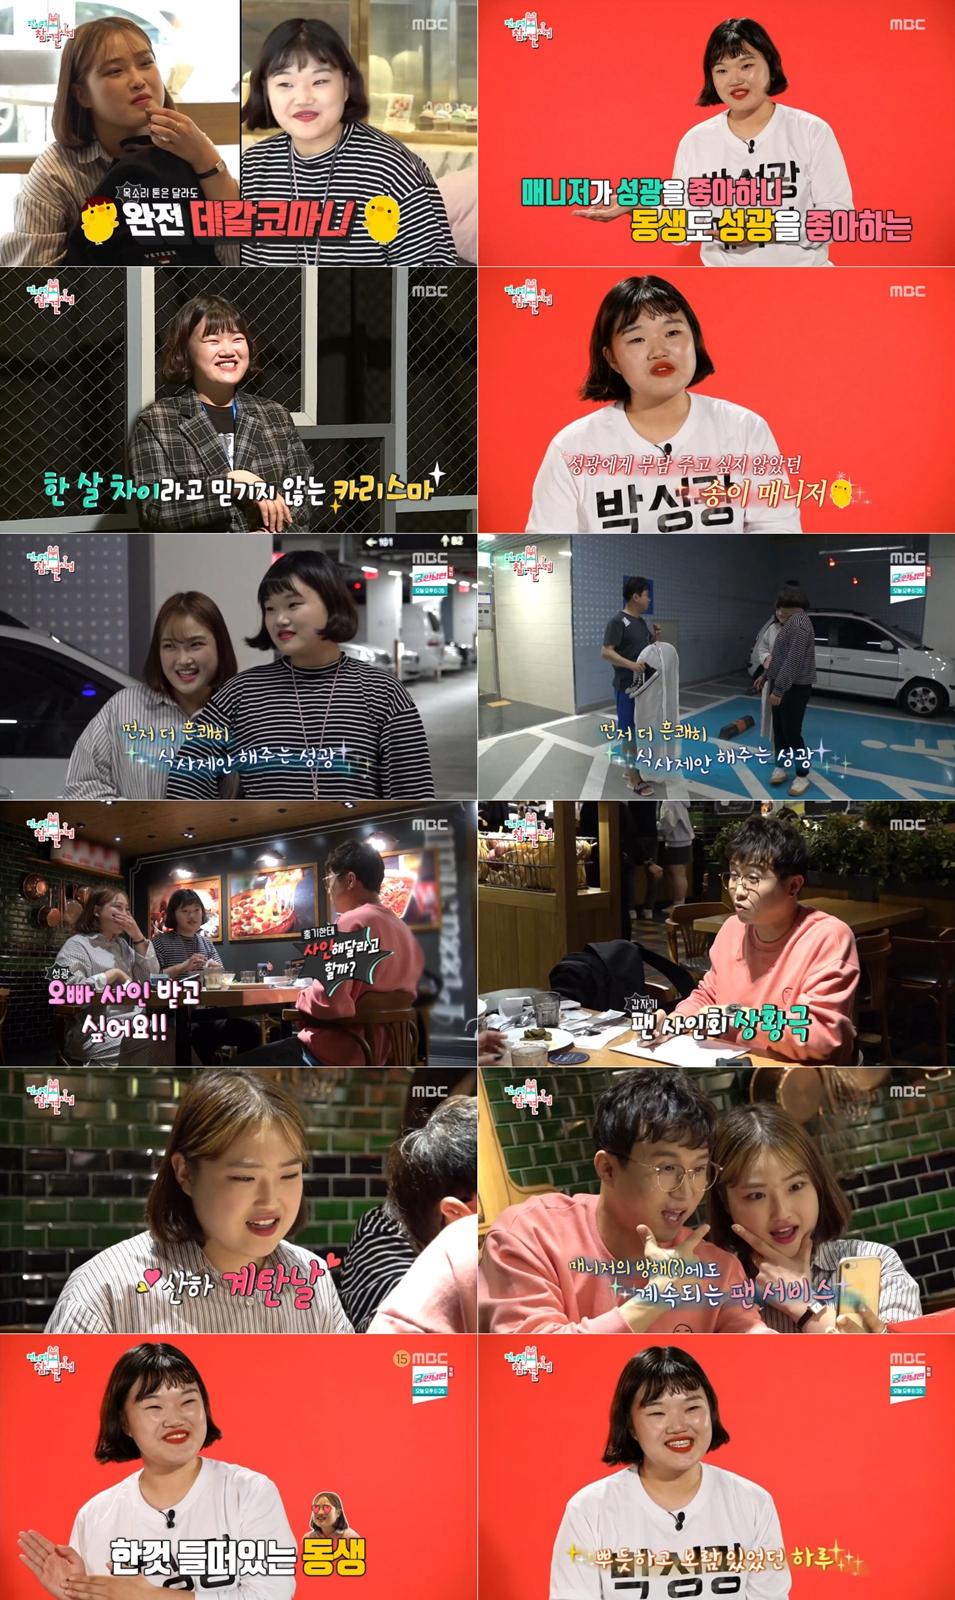 병아리 매니저, 박성광-친동생 케어 성공... 土 예능 1위